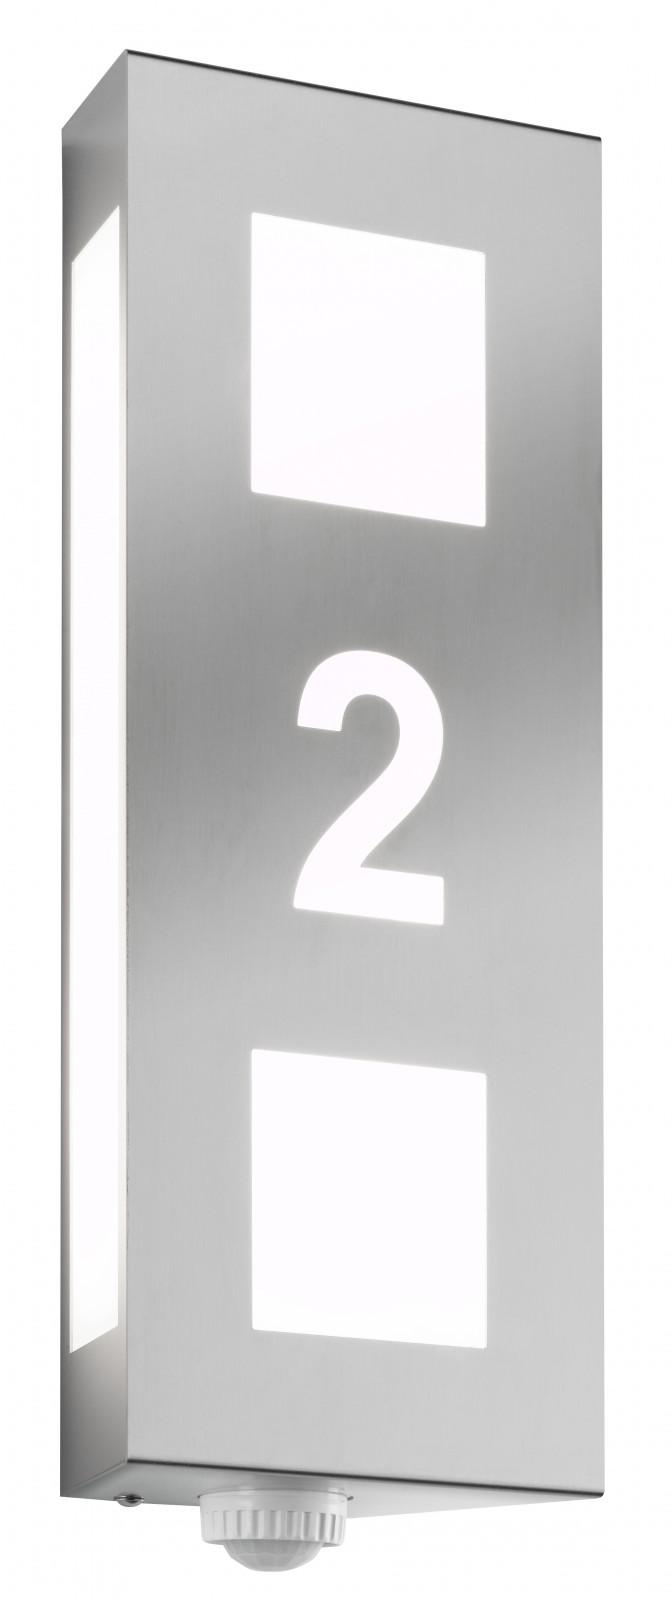 cmd edelstahl au enleuchte aqua trilo mit hausnummer bewegungsmelder wandleuchte 26 hn bm. Black Bedroom Furniture Sets. Home Design Ideas